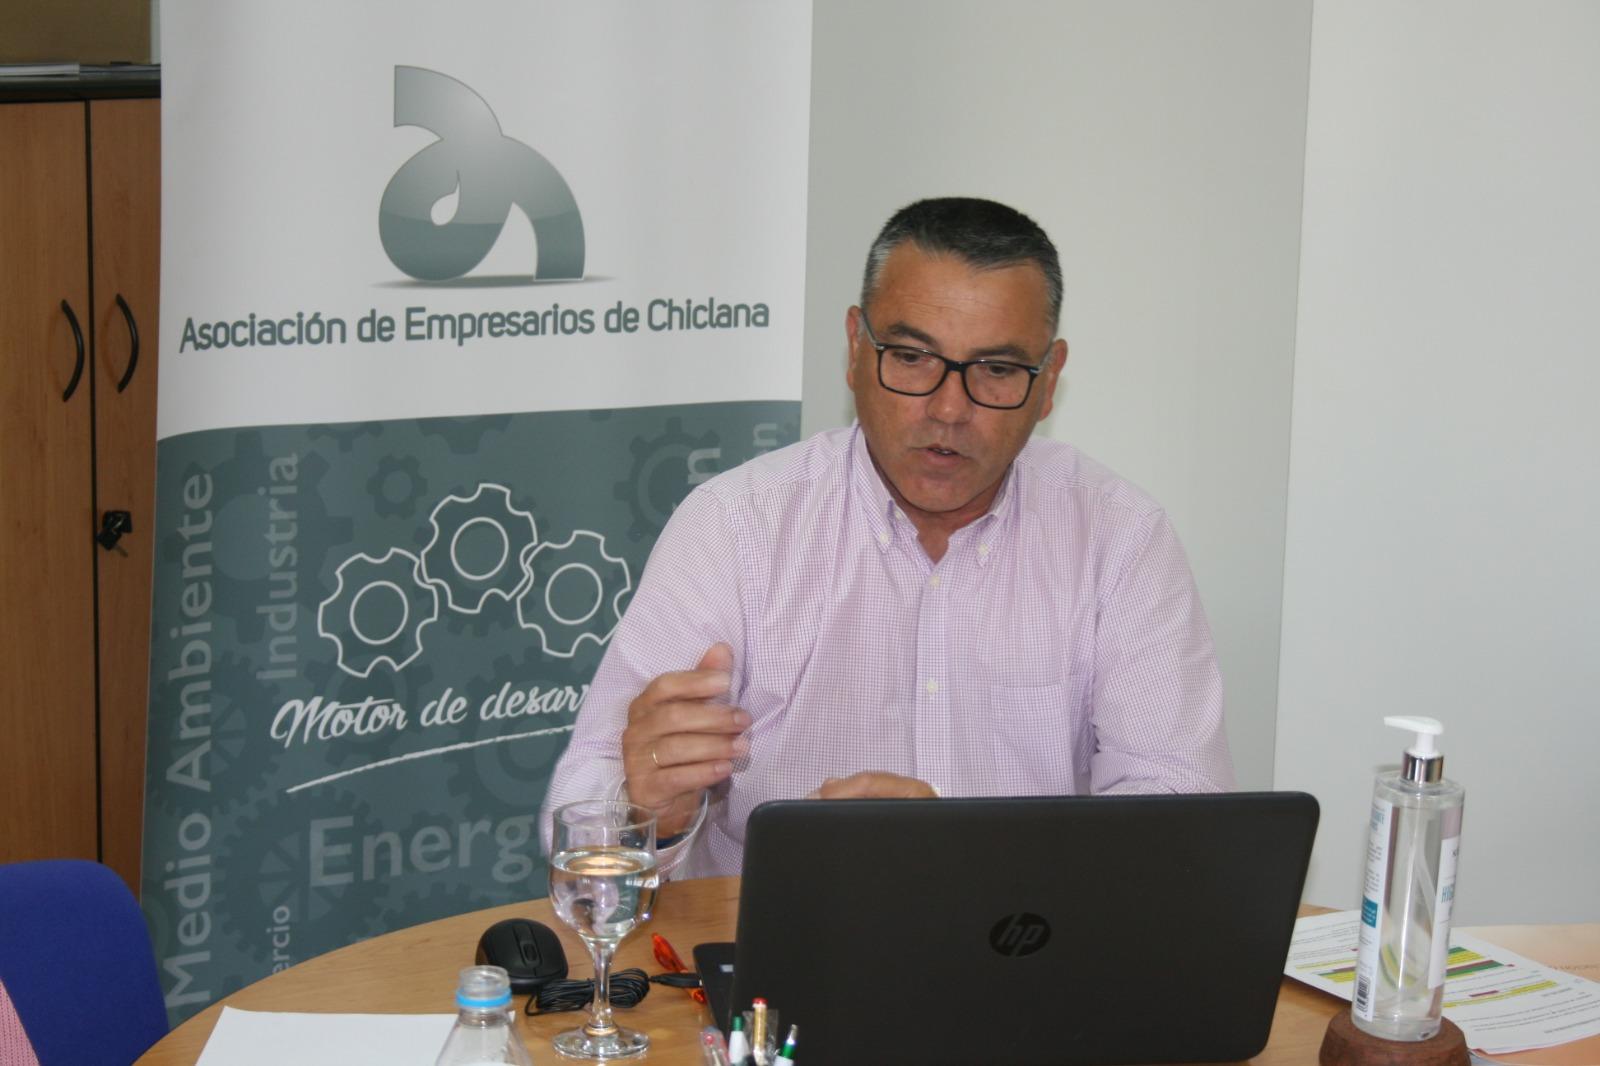 Asamblea virtual de la Asociación de Empresarios de Chiclana